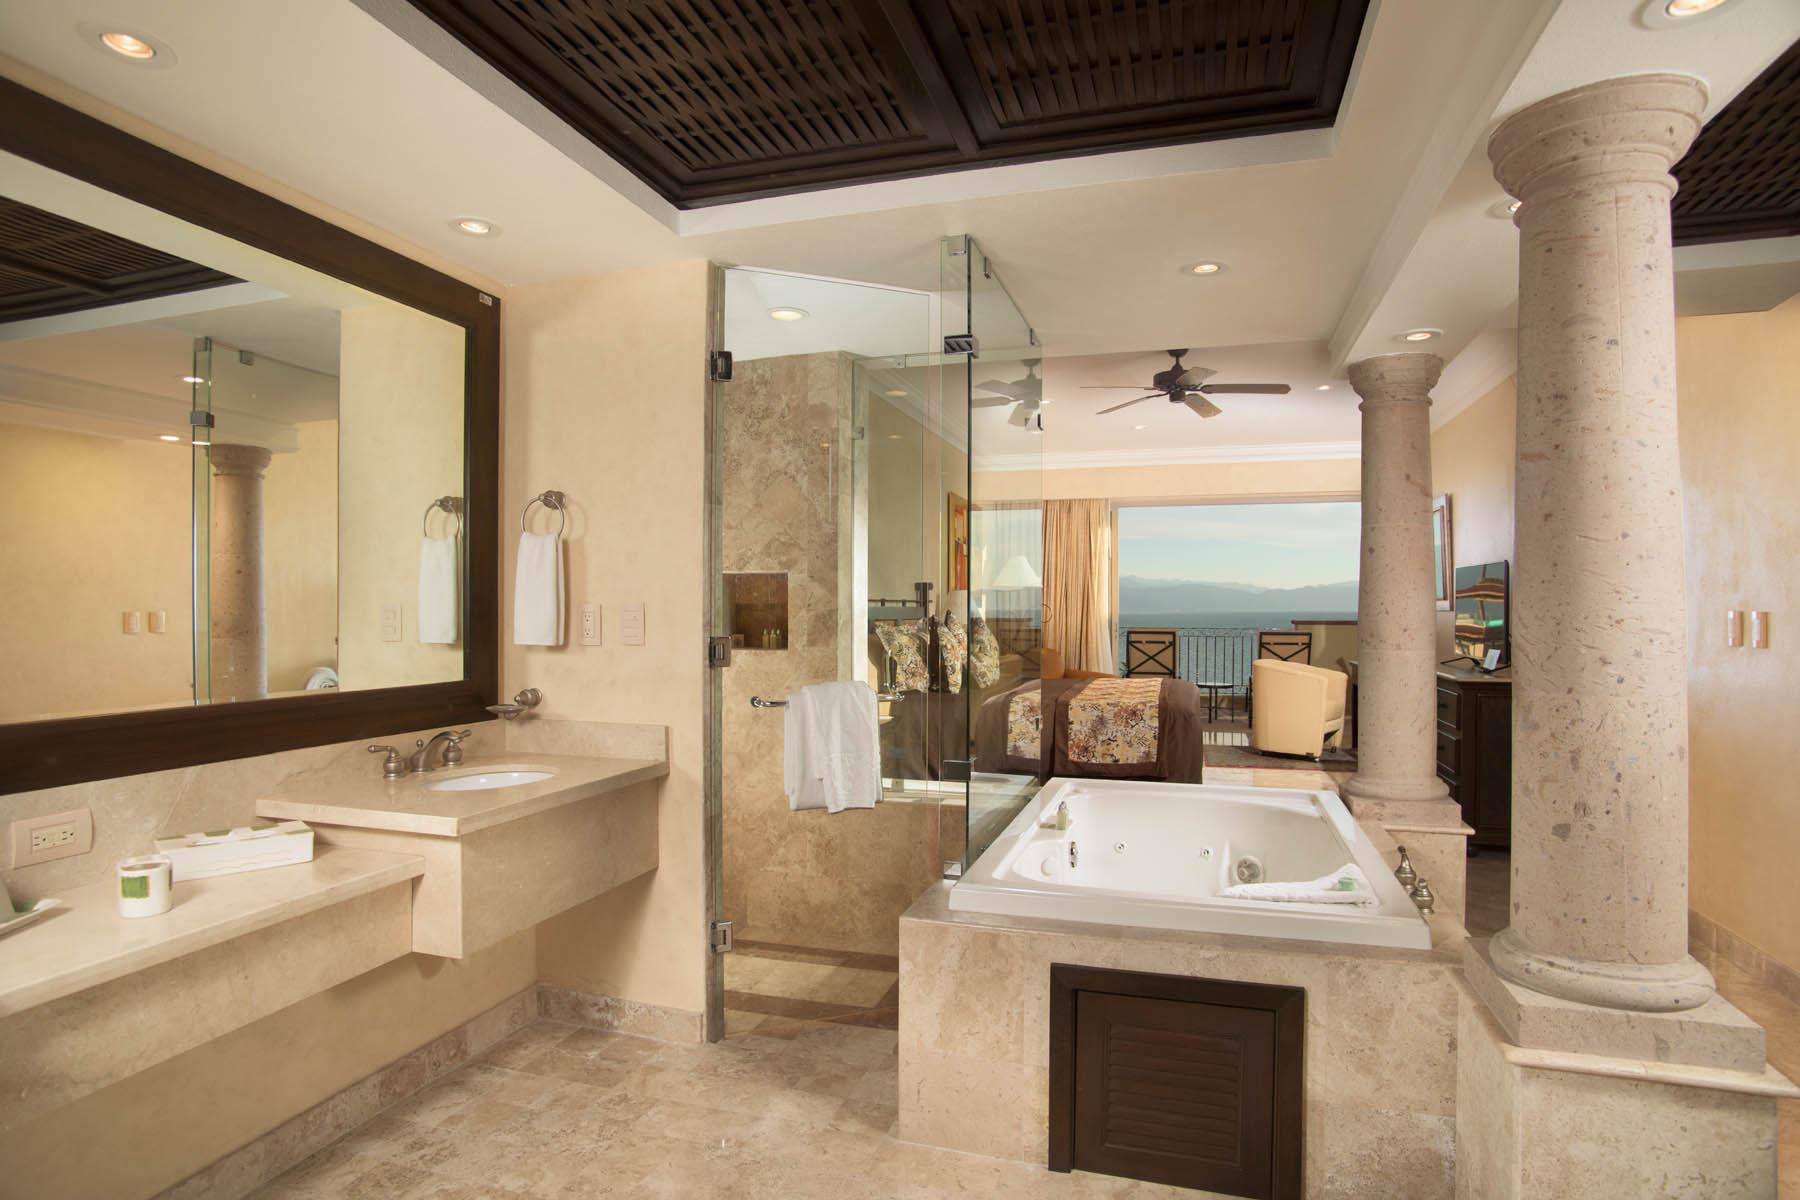 Villa la estancia riviera nayarit presidential three bedroom suite 6